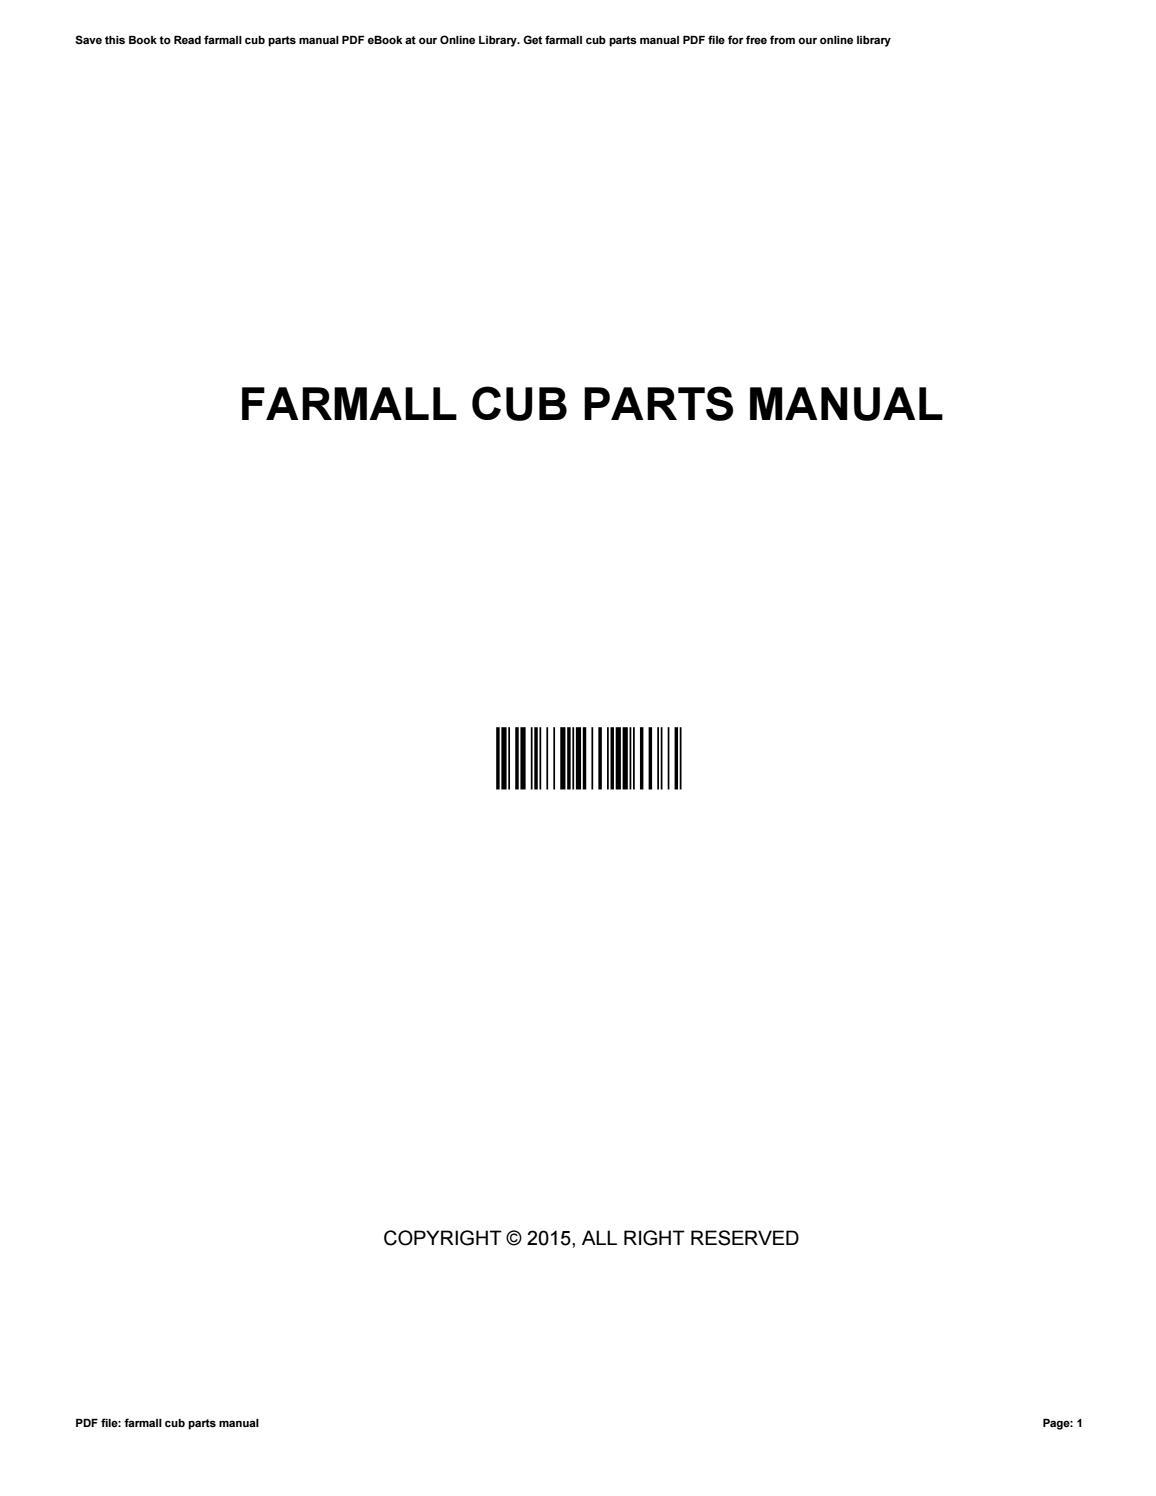 Farmall cub parts manual by MichaelMintz4376 - issuu